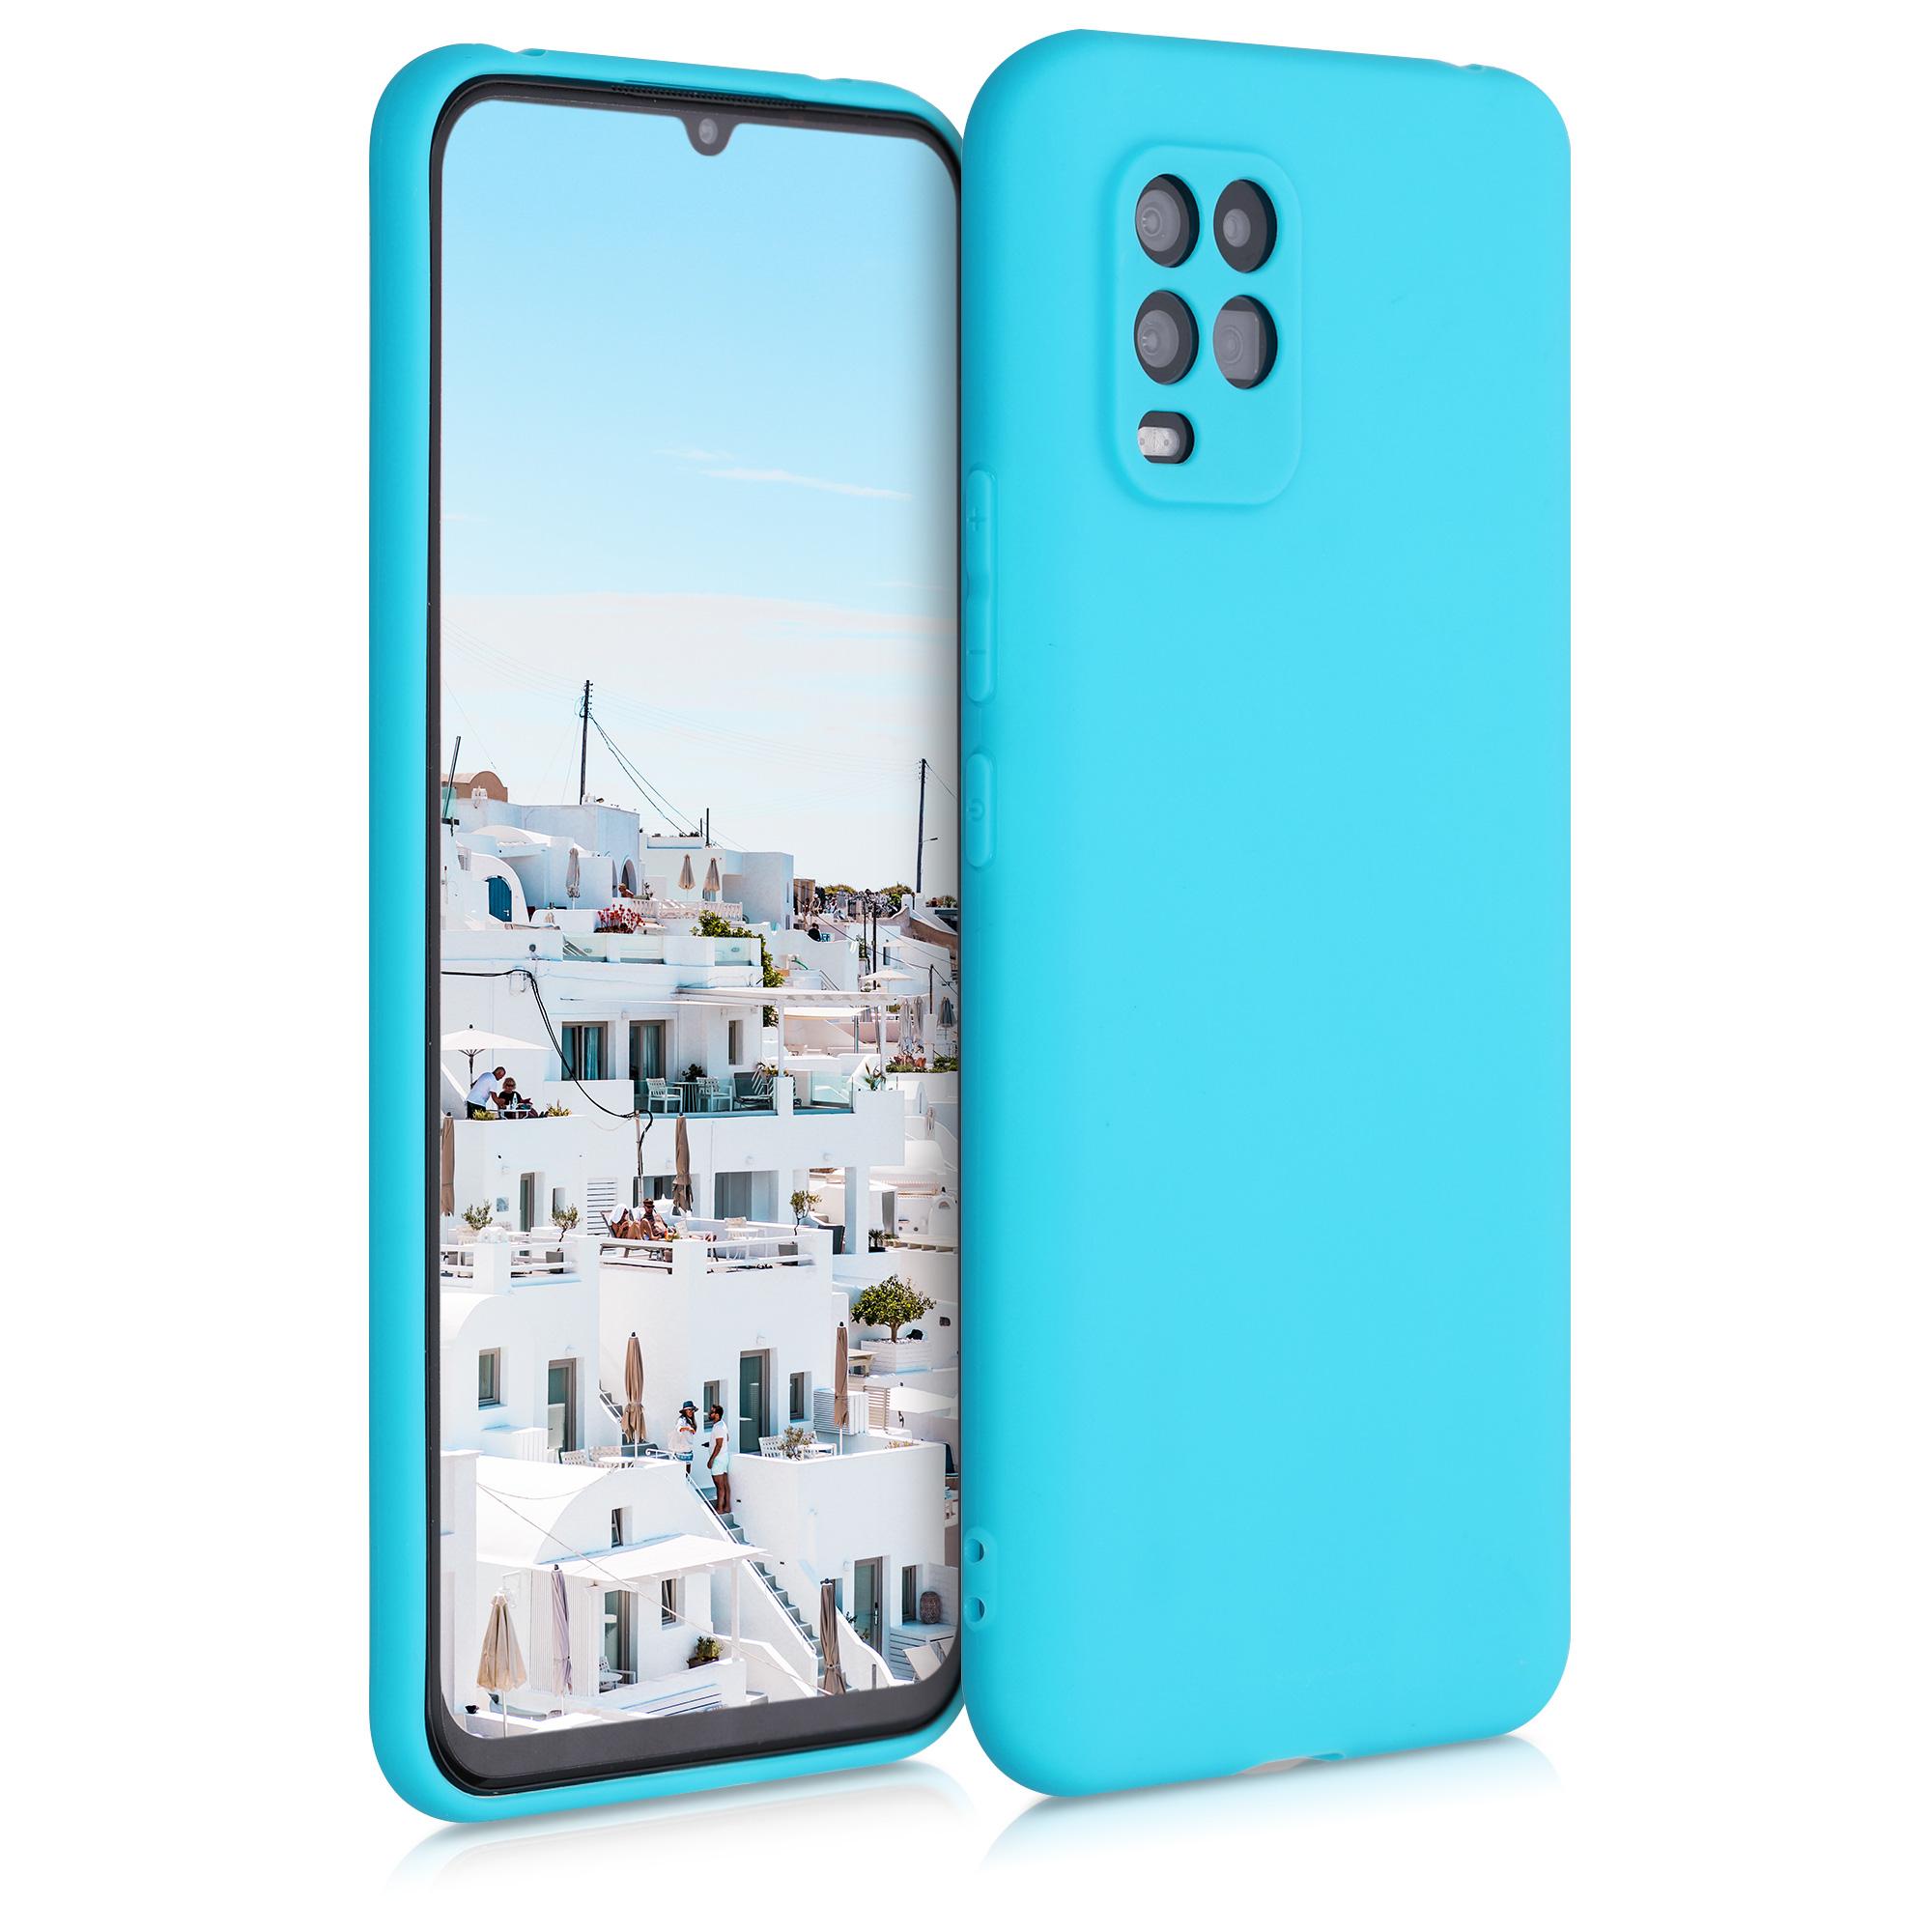 Ledově modré silikonové pouzdro / obal pro Xiaomi Mi 10 Lite